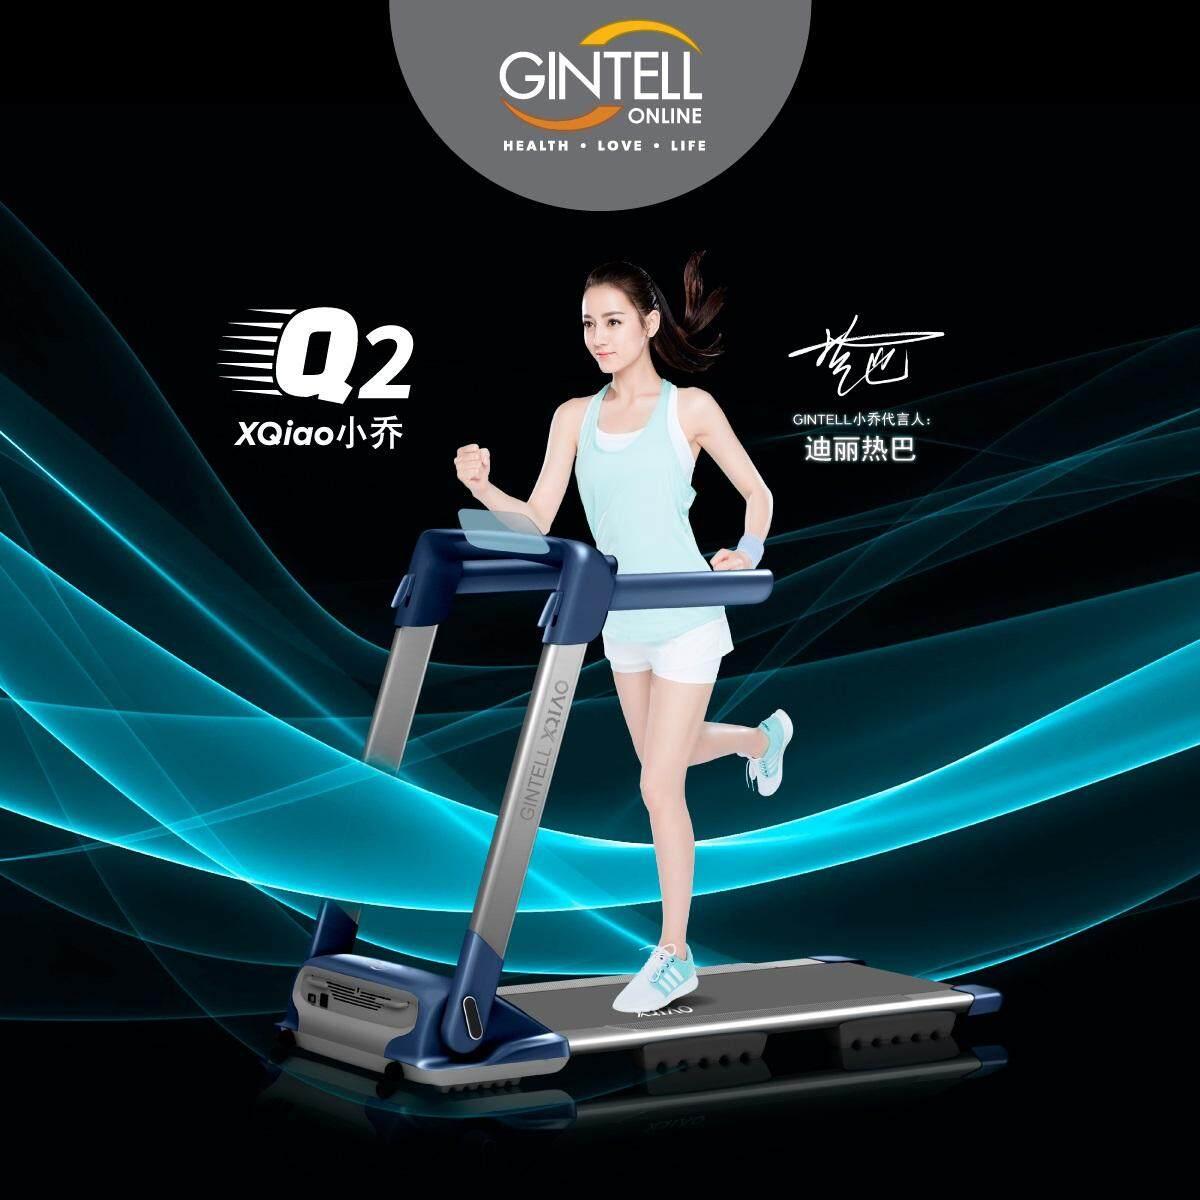 GINTELL XQIAO Q2 Treadmill FT467